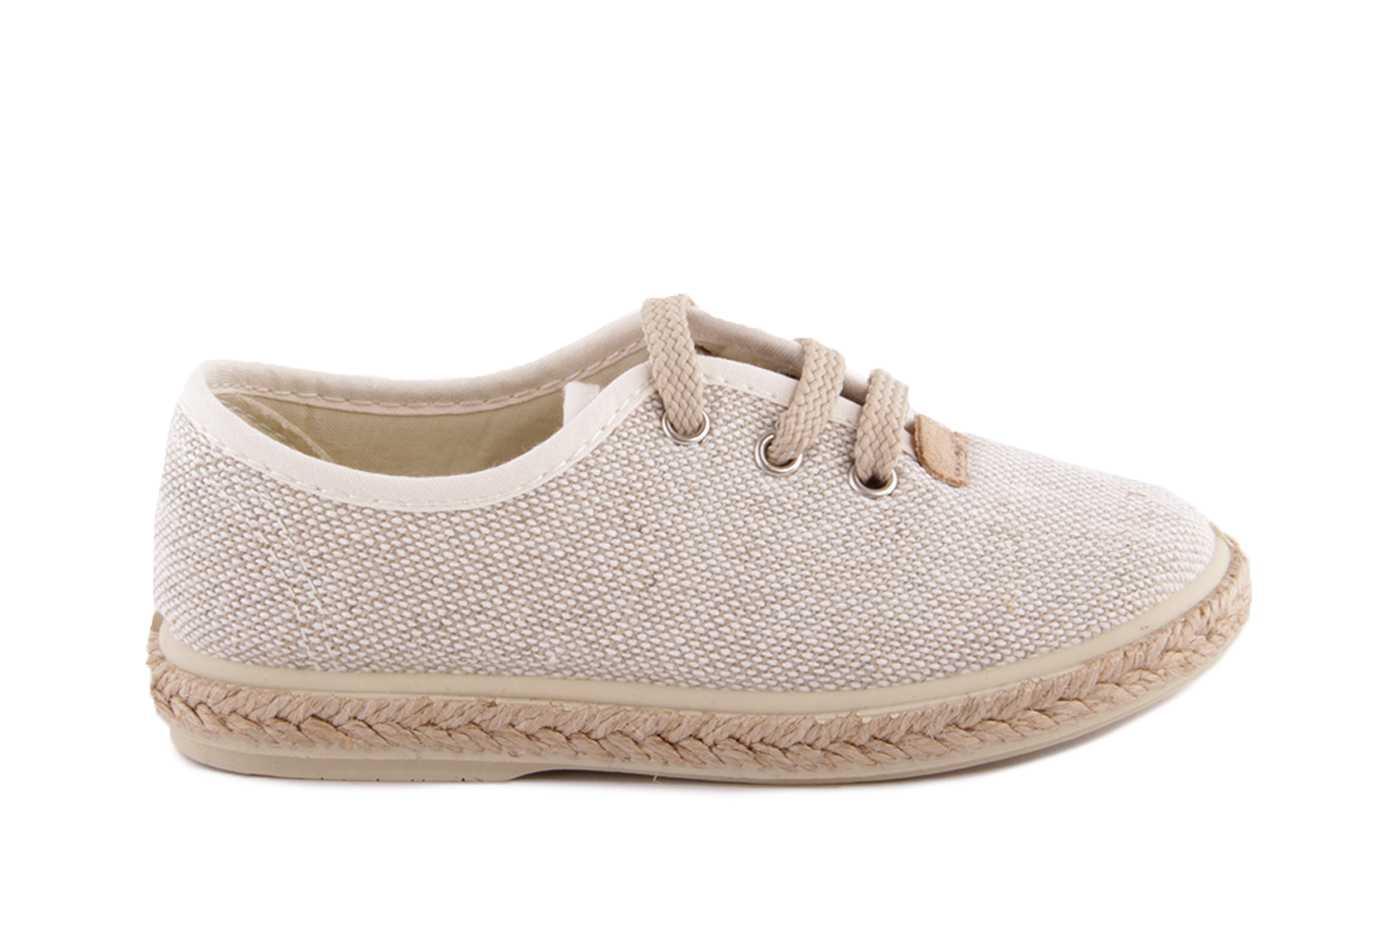 4ece8cd76 Comprar zapato tipo JOVEN NIÑO estilo LONA COLOR BEIGE TEXTIL | LONA ...